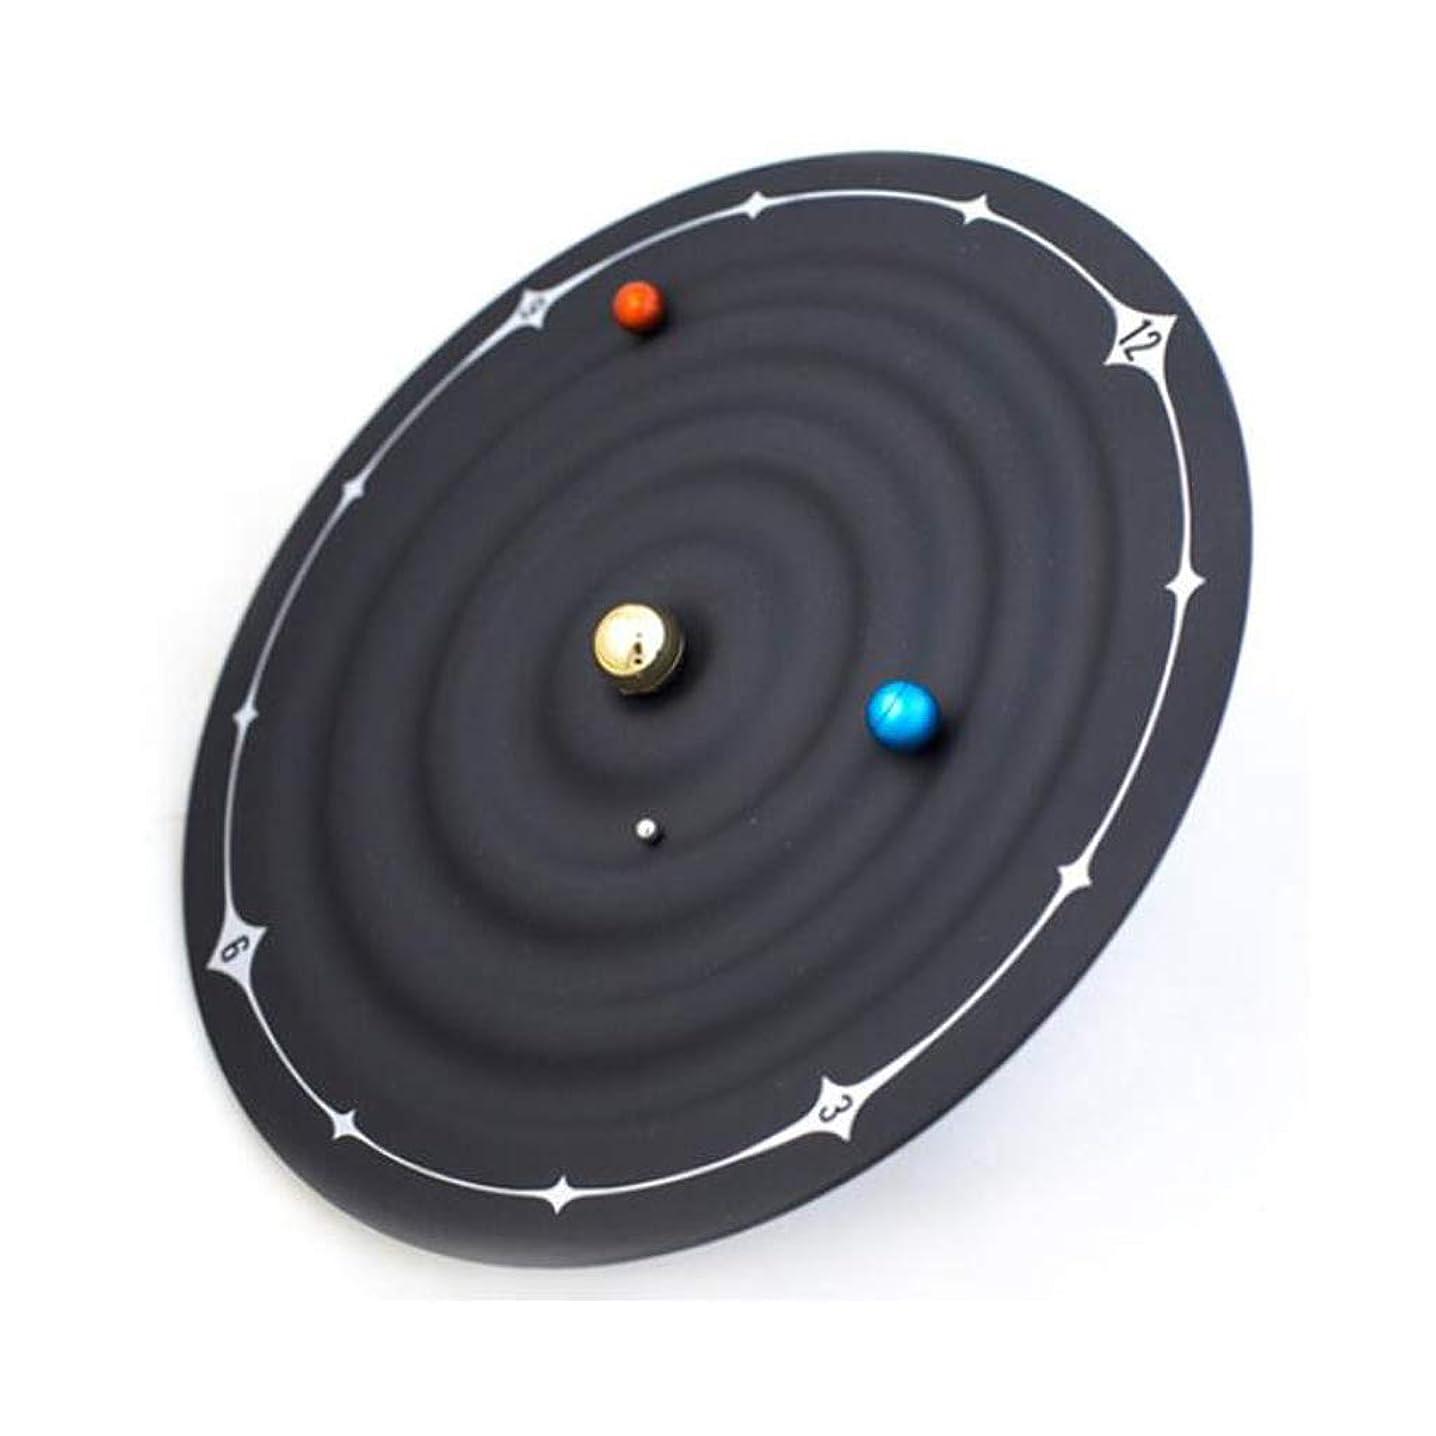 たくさんの歯車さまようウォールクロックシンプルな時計銀河モデリング壁時計創造的な磁気時計 JSFQ